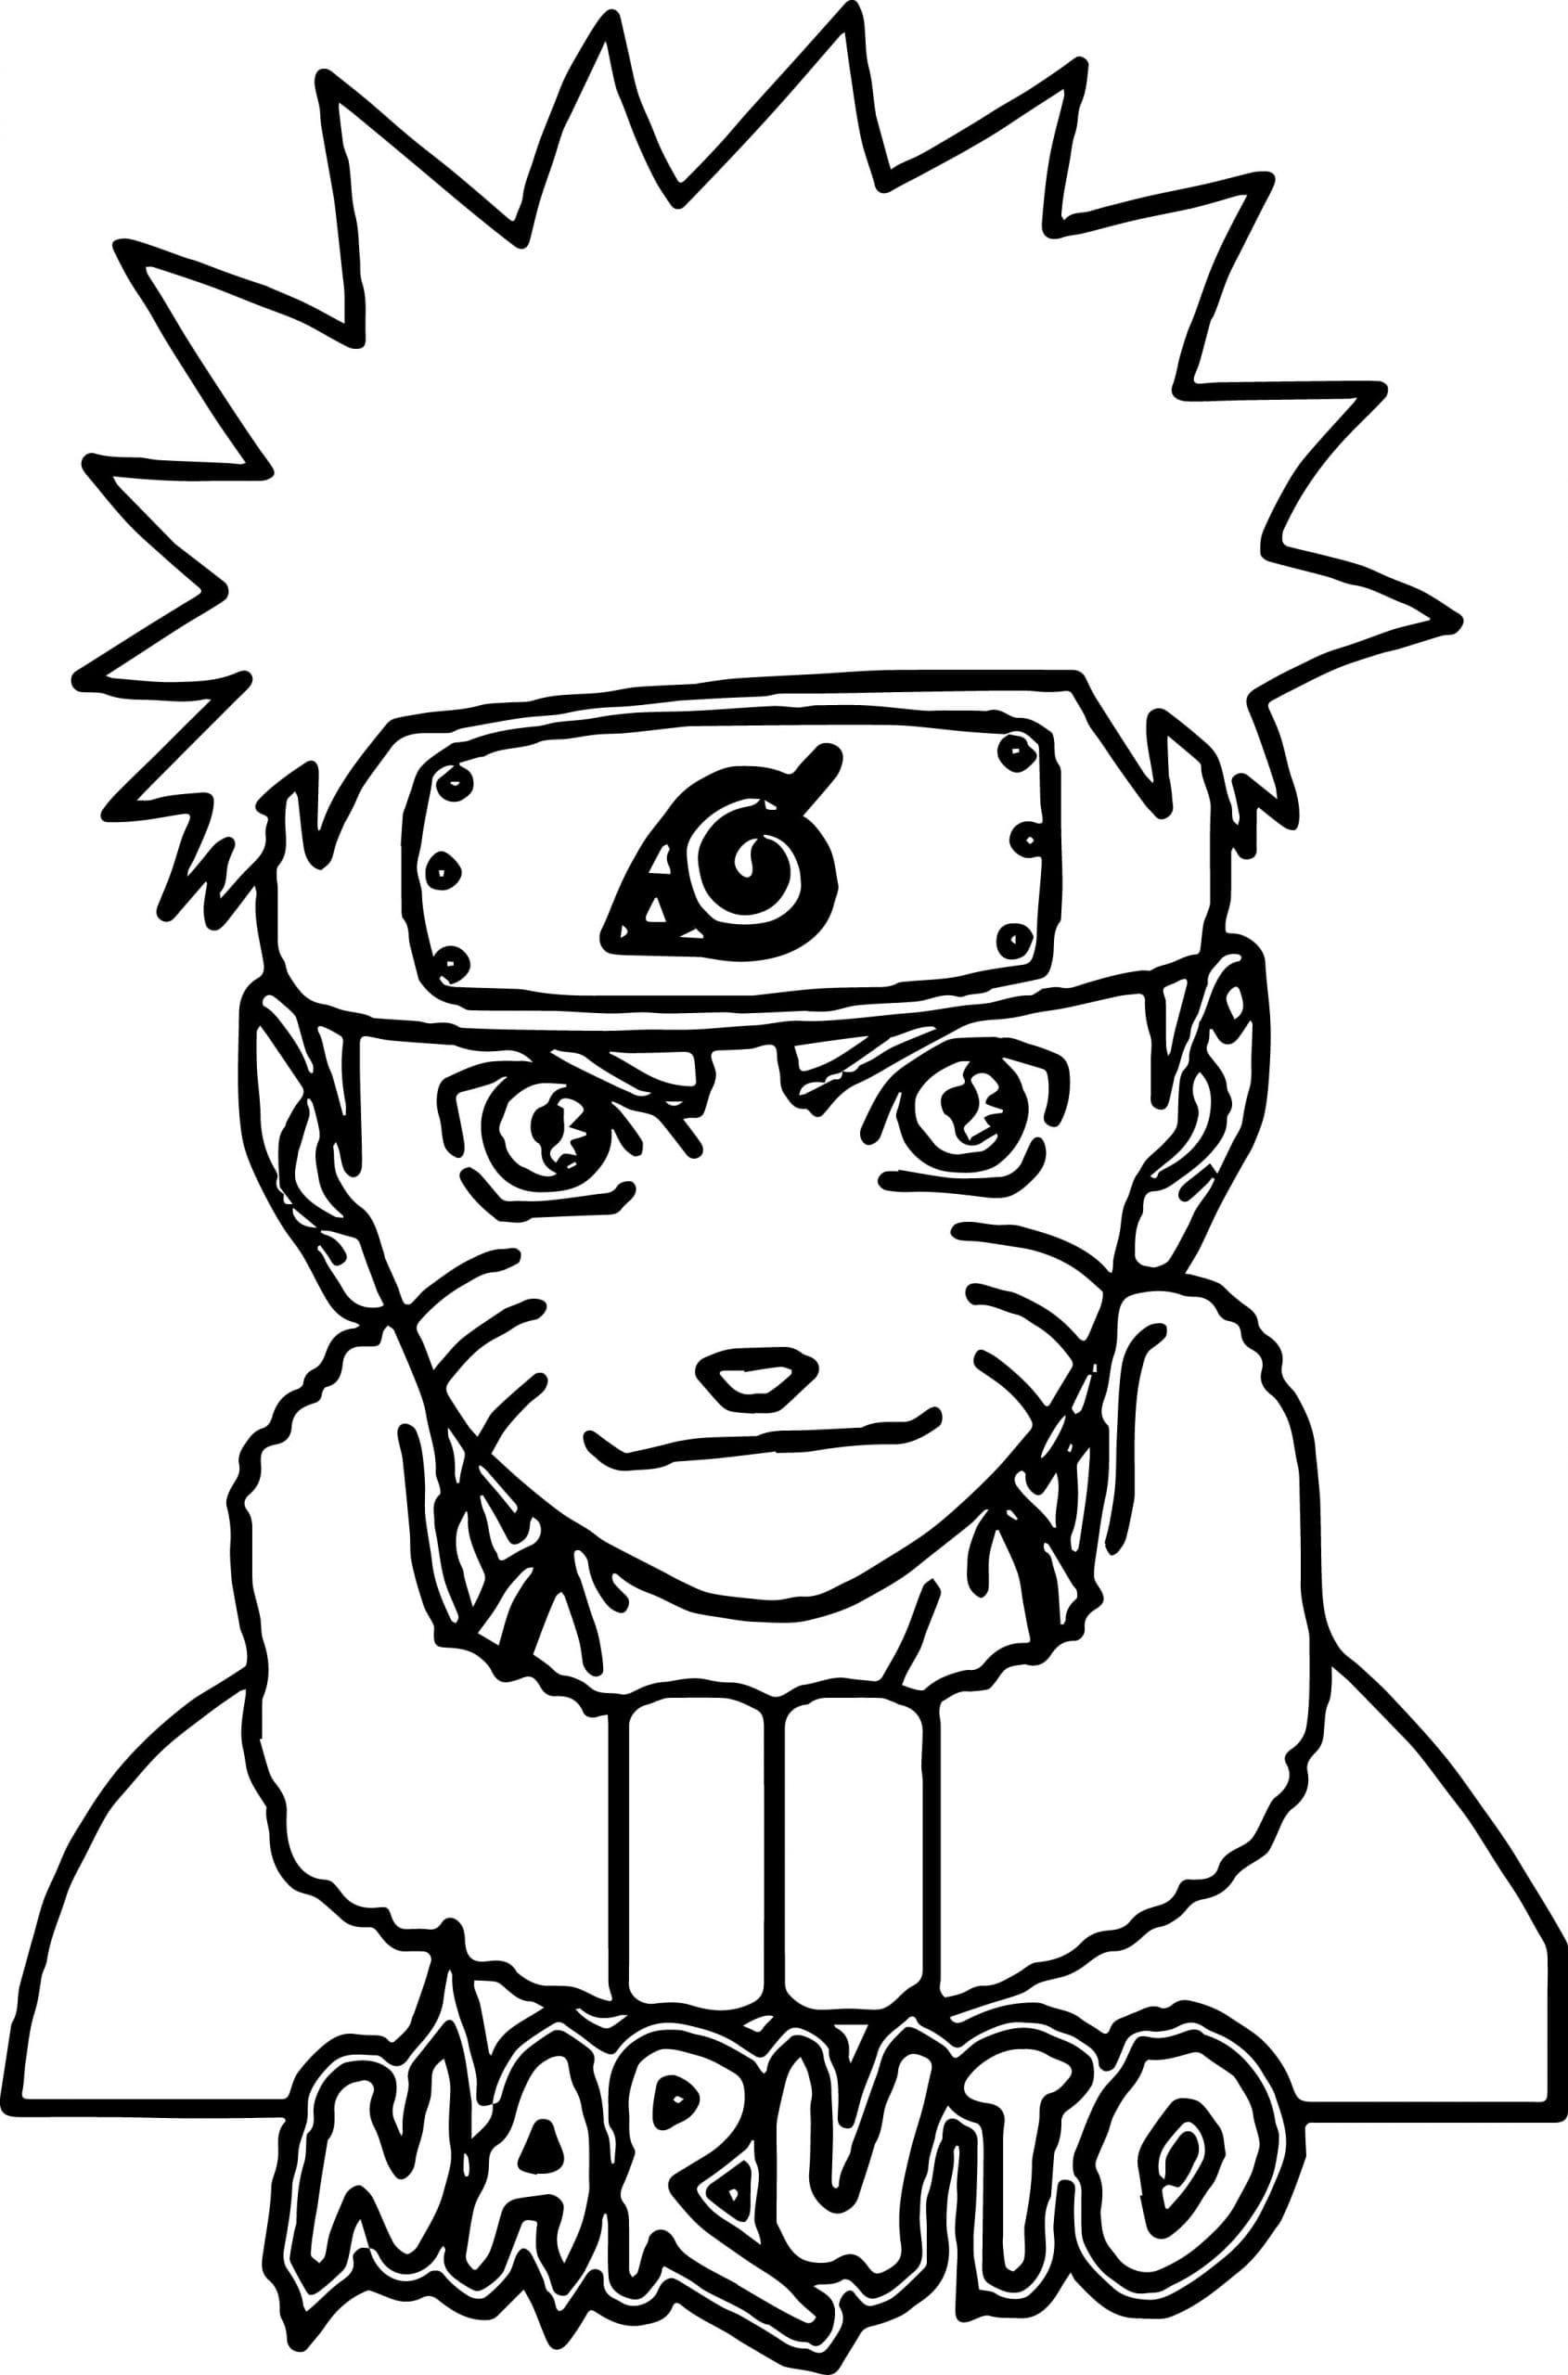 Coloriage Naruto   32 images pour une impression gratuite